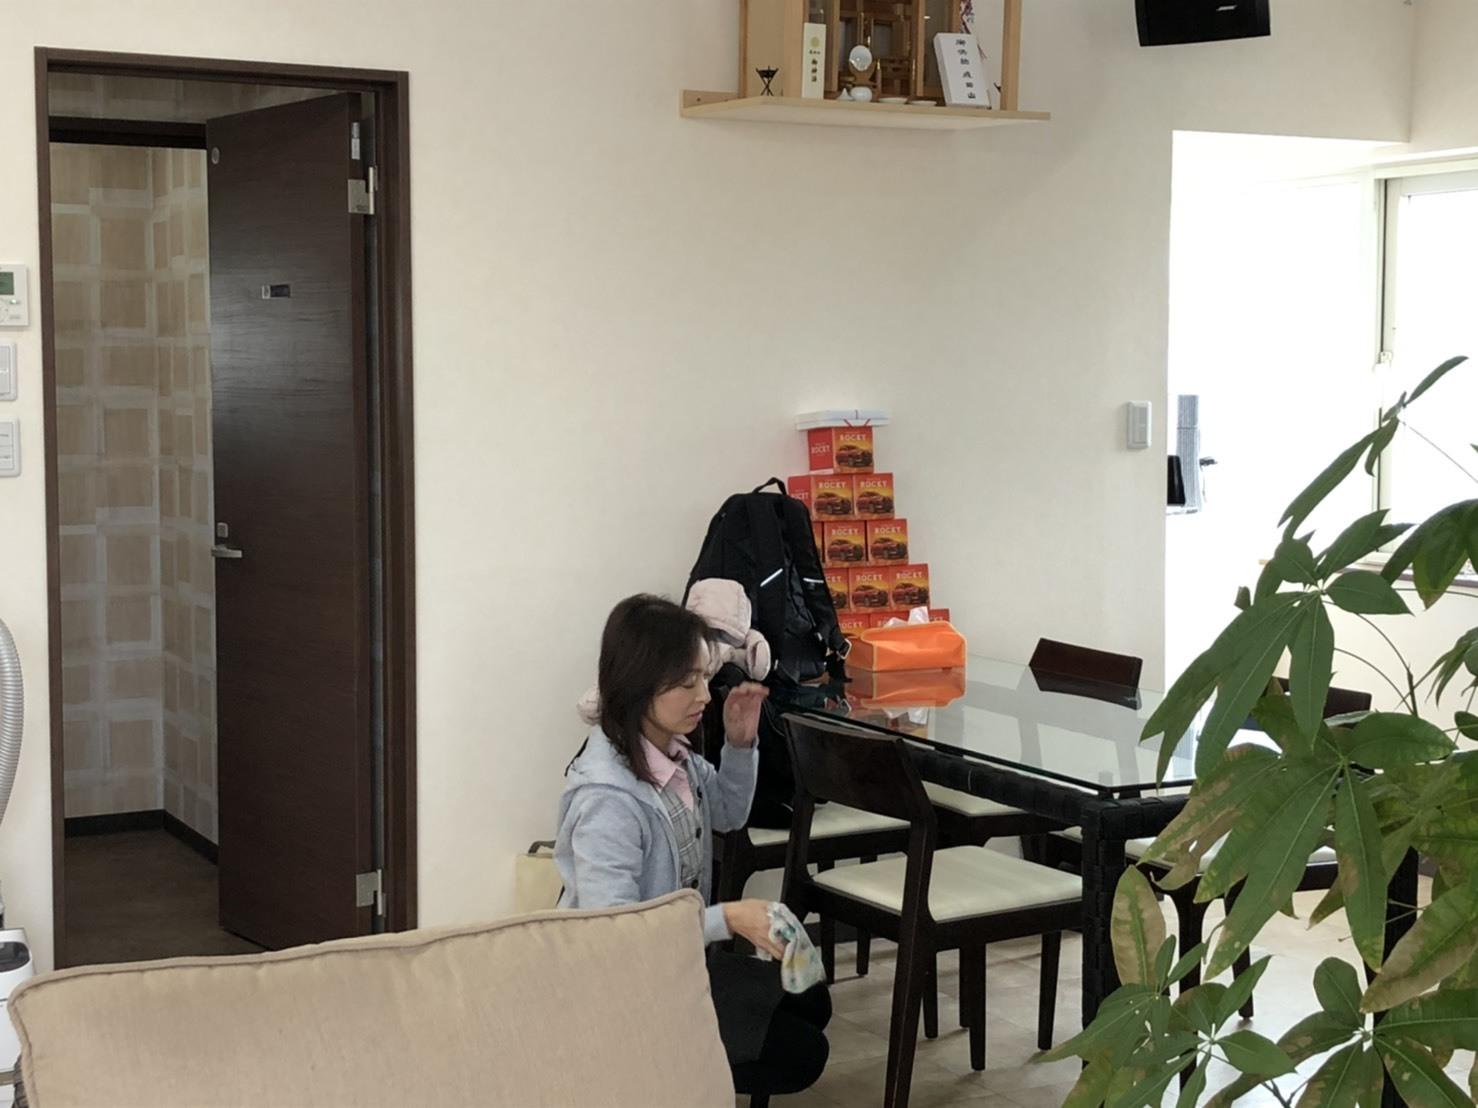 1月14日(火)GT63S 4DOORあります✊エスカレード アルファード ランクル TOMMY♡_b0127002_19002283.jpg